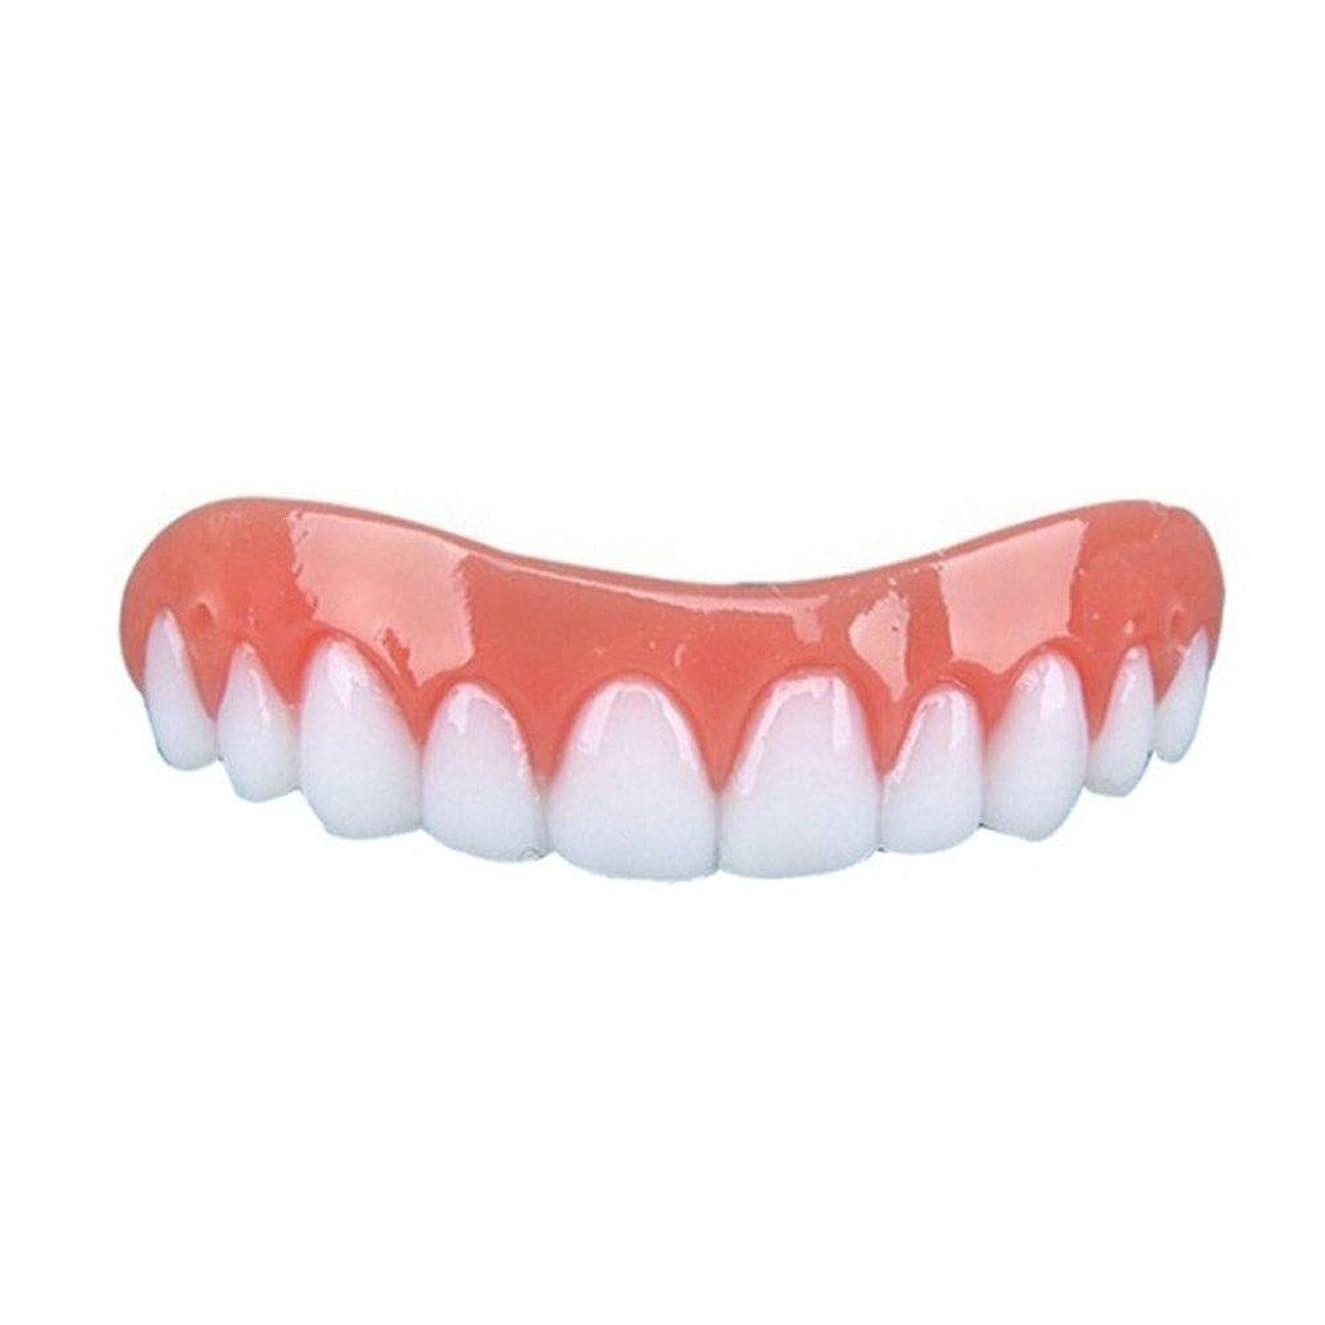 機械次へお風呂を持っているBartram 歯カバー シリコン義歯ペースト 上歯 笑顔を保つ 歯保護 美容用 入れ歯 矯正義歯